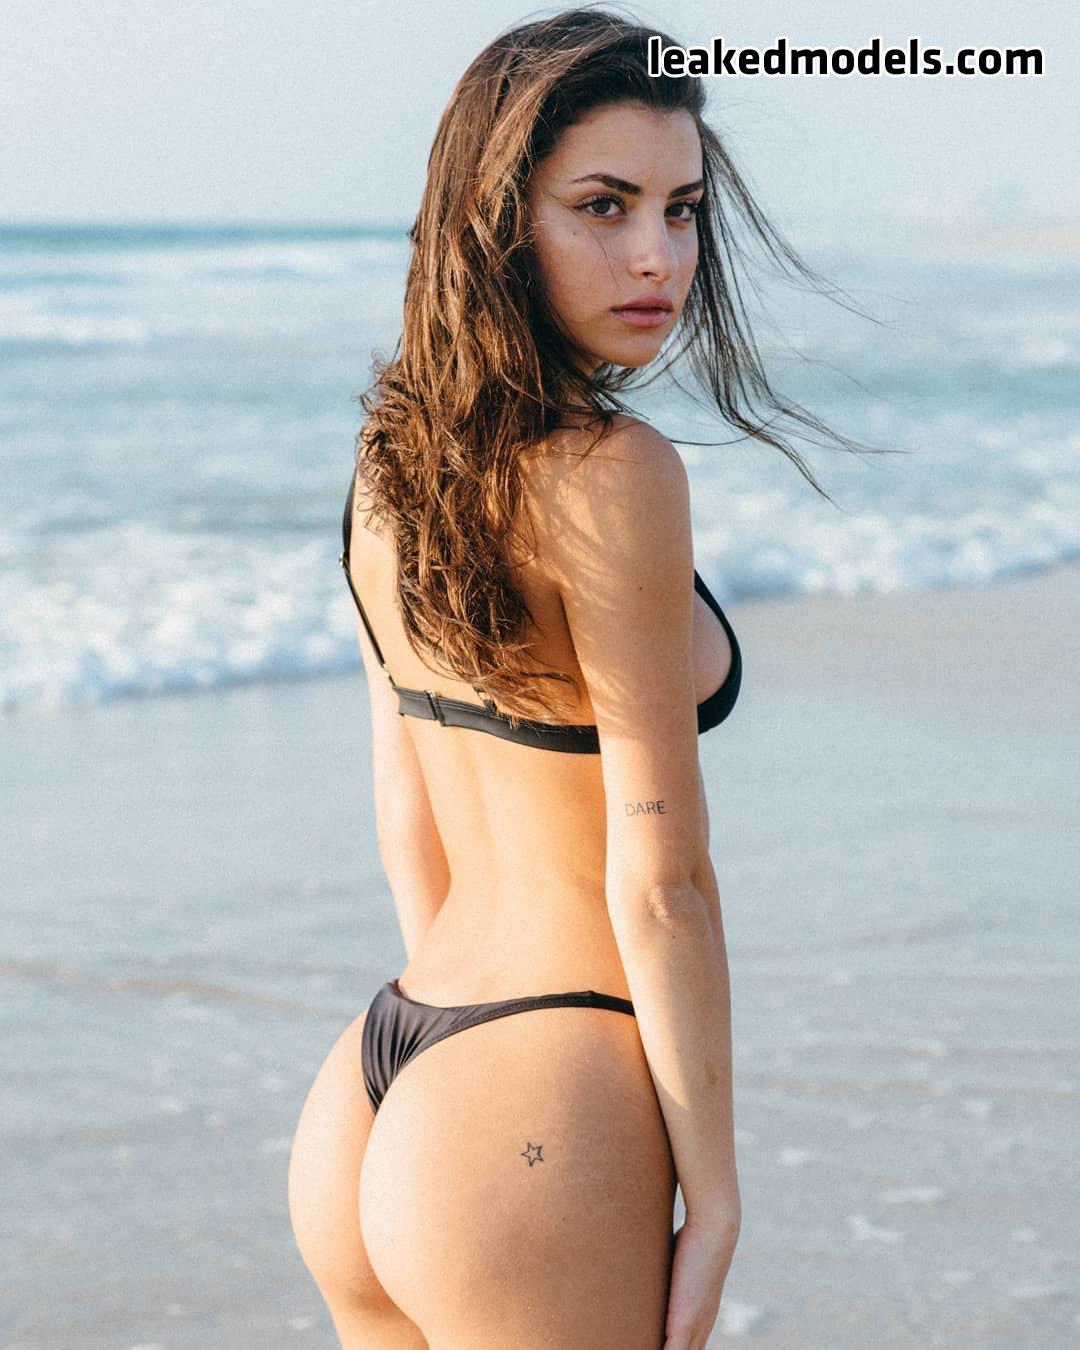 tal adar leaked nude leakedmodels.com 0020 - Tal Adar – _taladar Instagram Sexy Leaks (27 Photos)